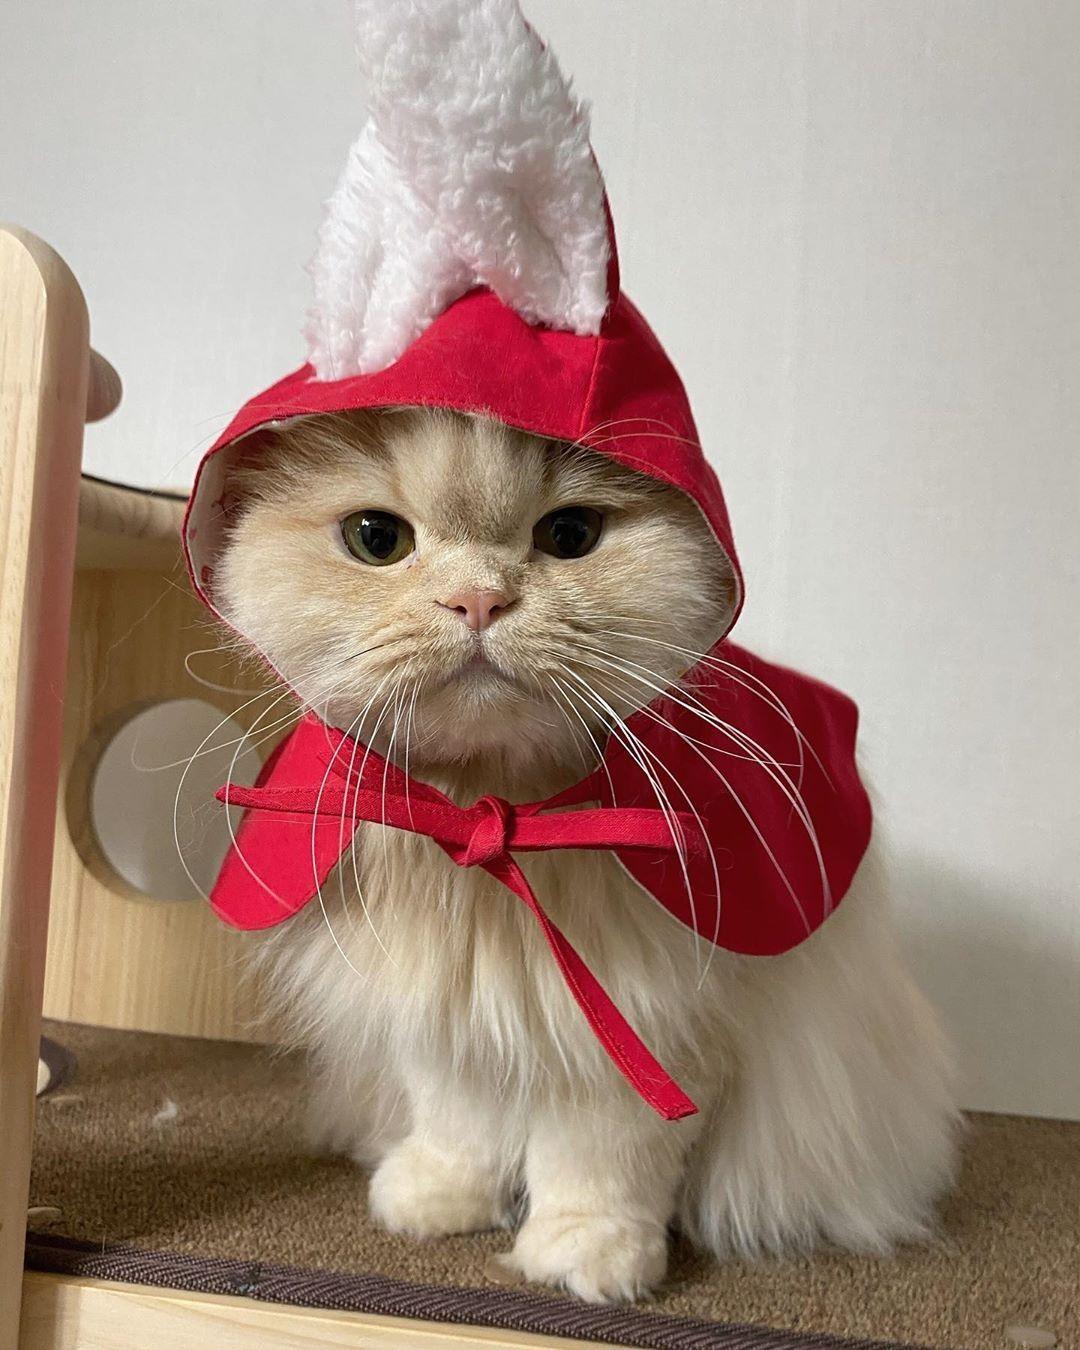 Amazing Stylish Cute Cat In 2020 Cute Cats Cute Cat Cat Day